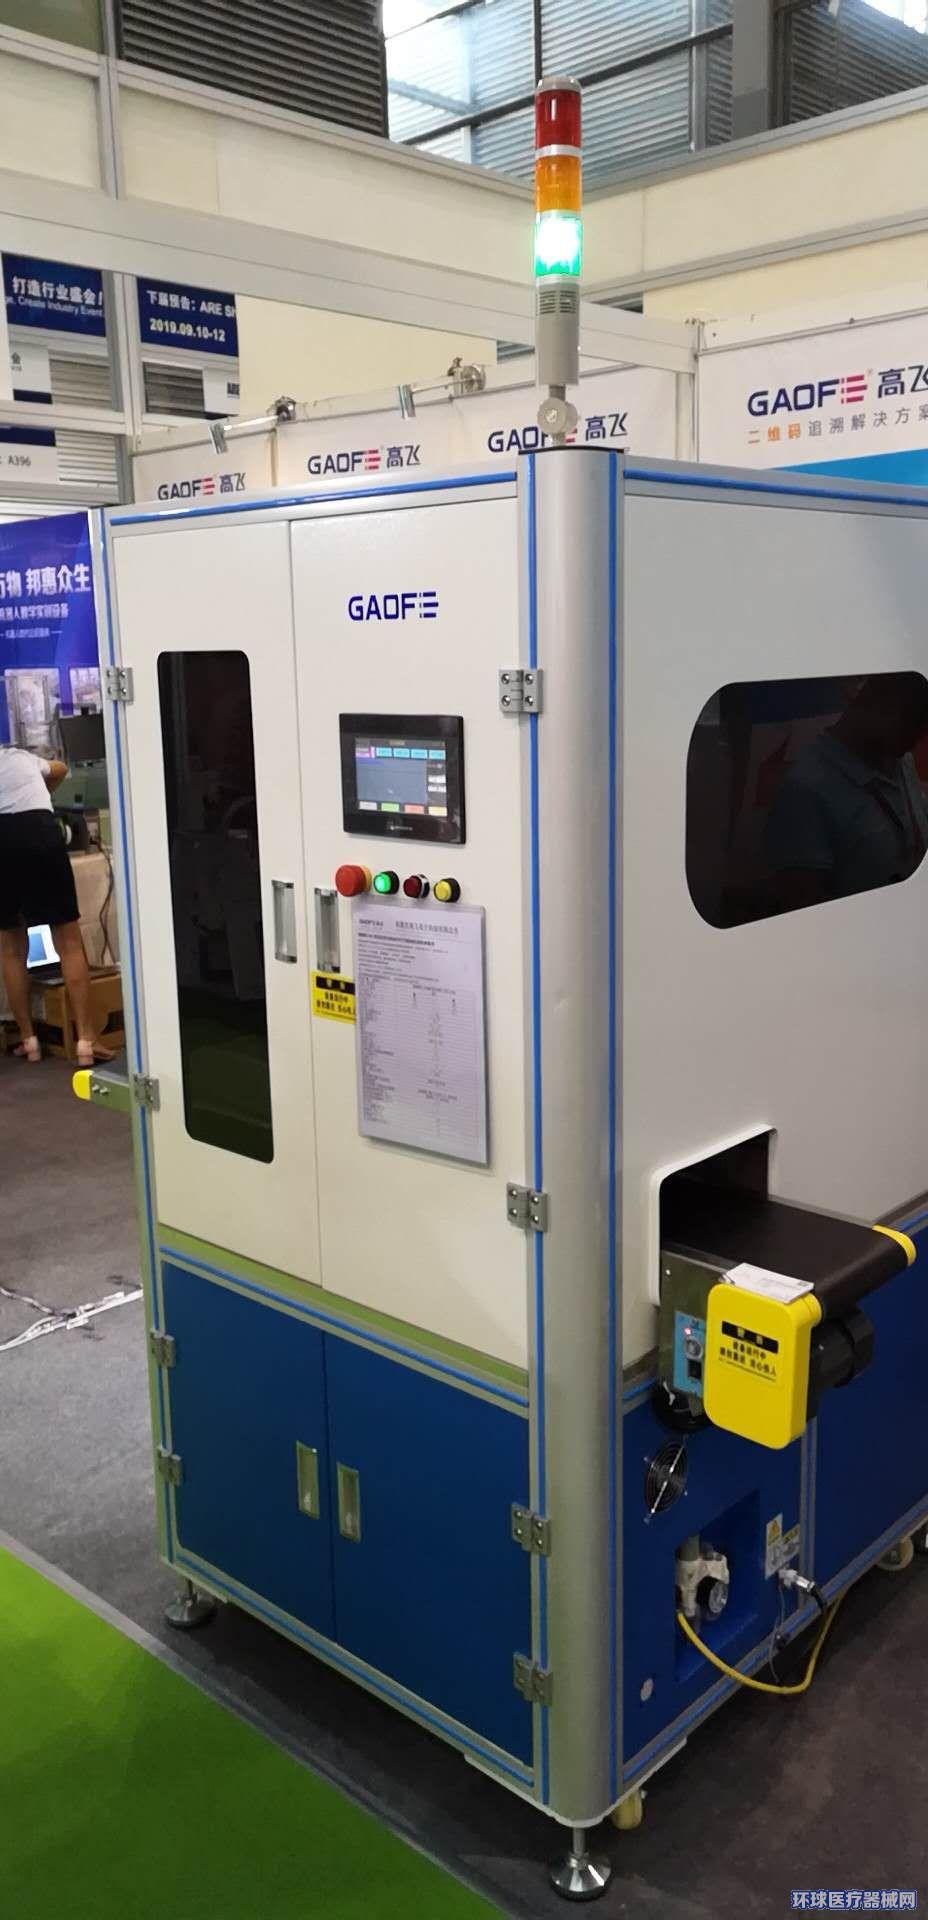 实验室试管贴标机CCD视觉定位打印贴标机医疗试管